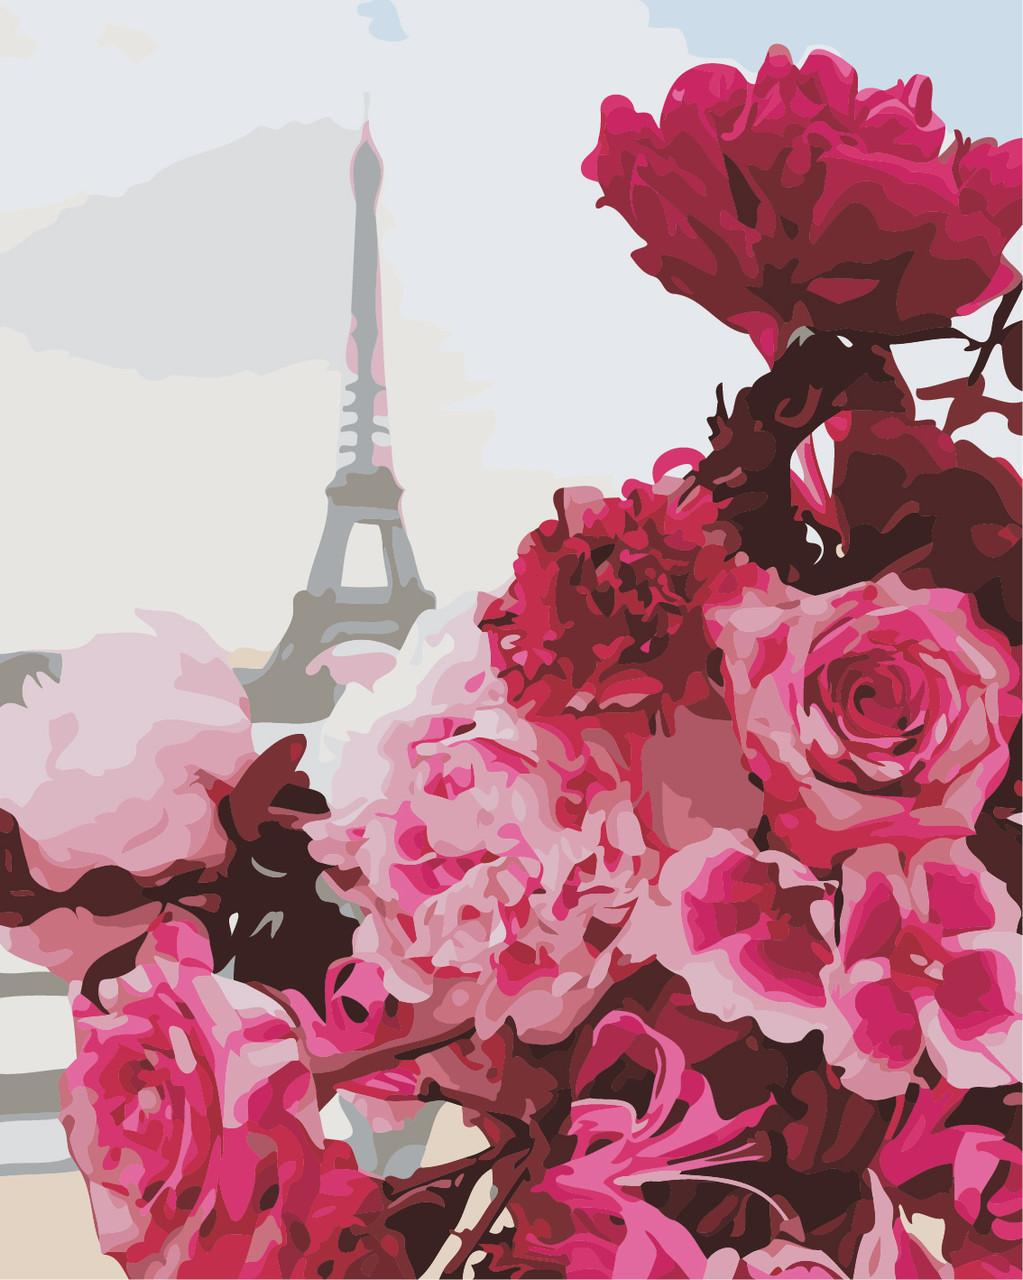 Художественный творческий набор, картина по номерам Французские цветы, 40x50 см, «Art Story» (AS0856)